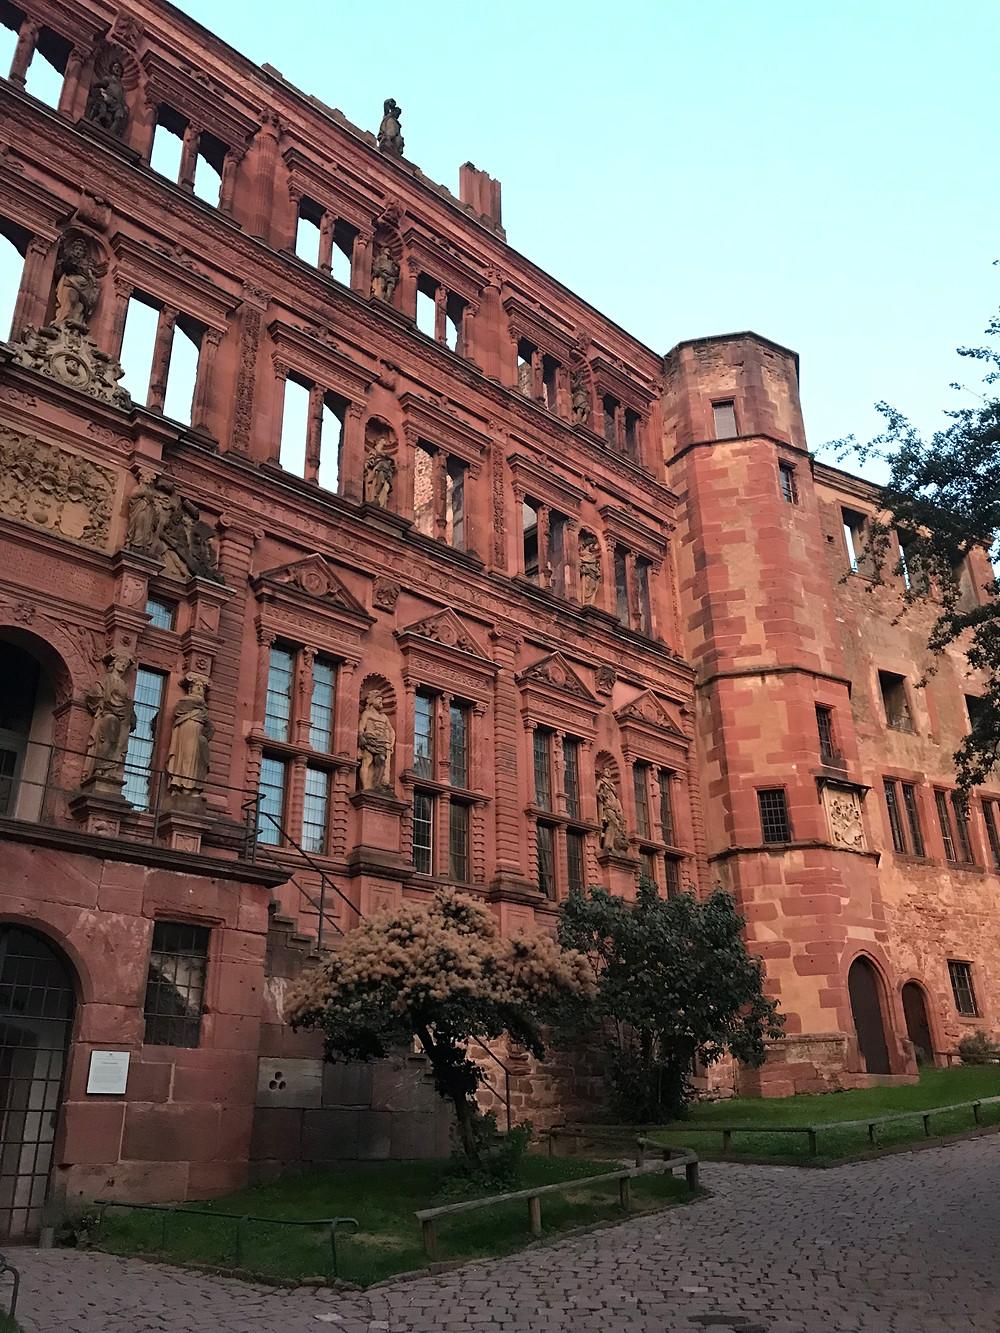 Ruins of Heidelberg Castle in Germany.